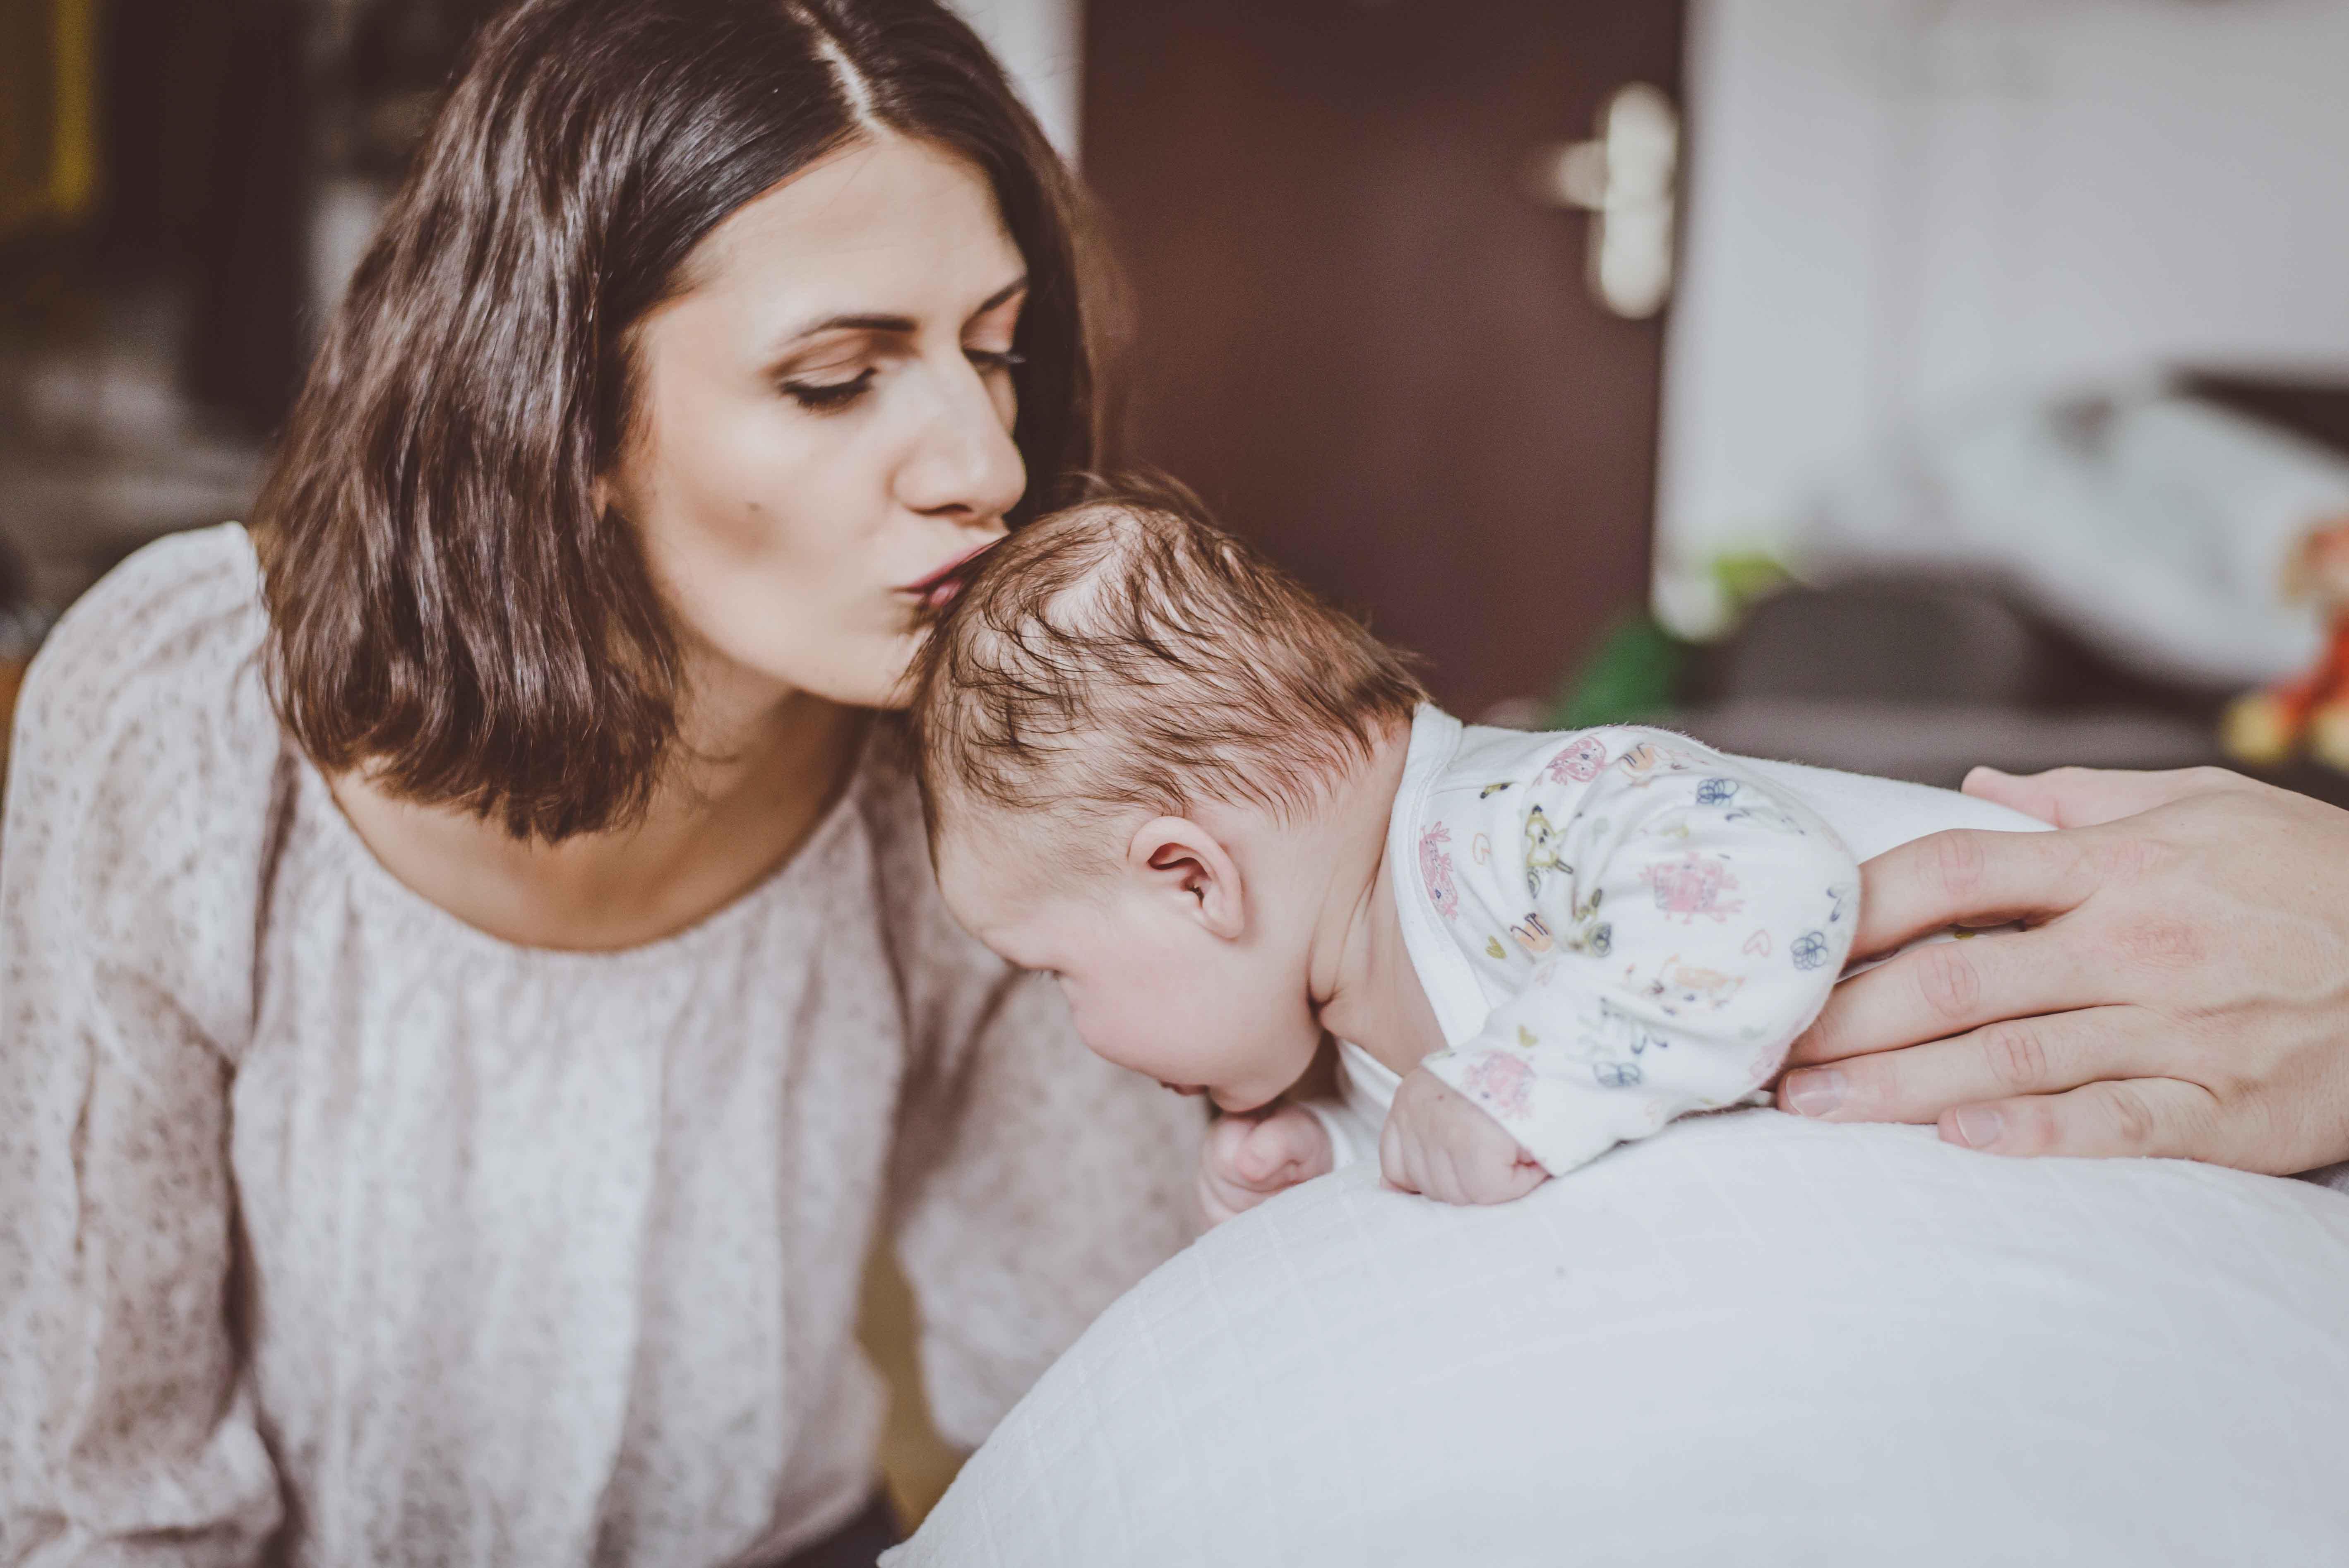 sesja-rodzinna-dzieck-newborn-wroclaw-okonasznurku (29)